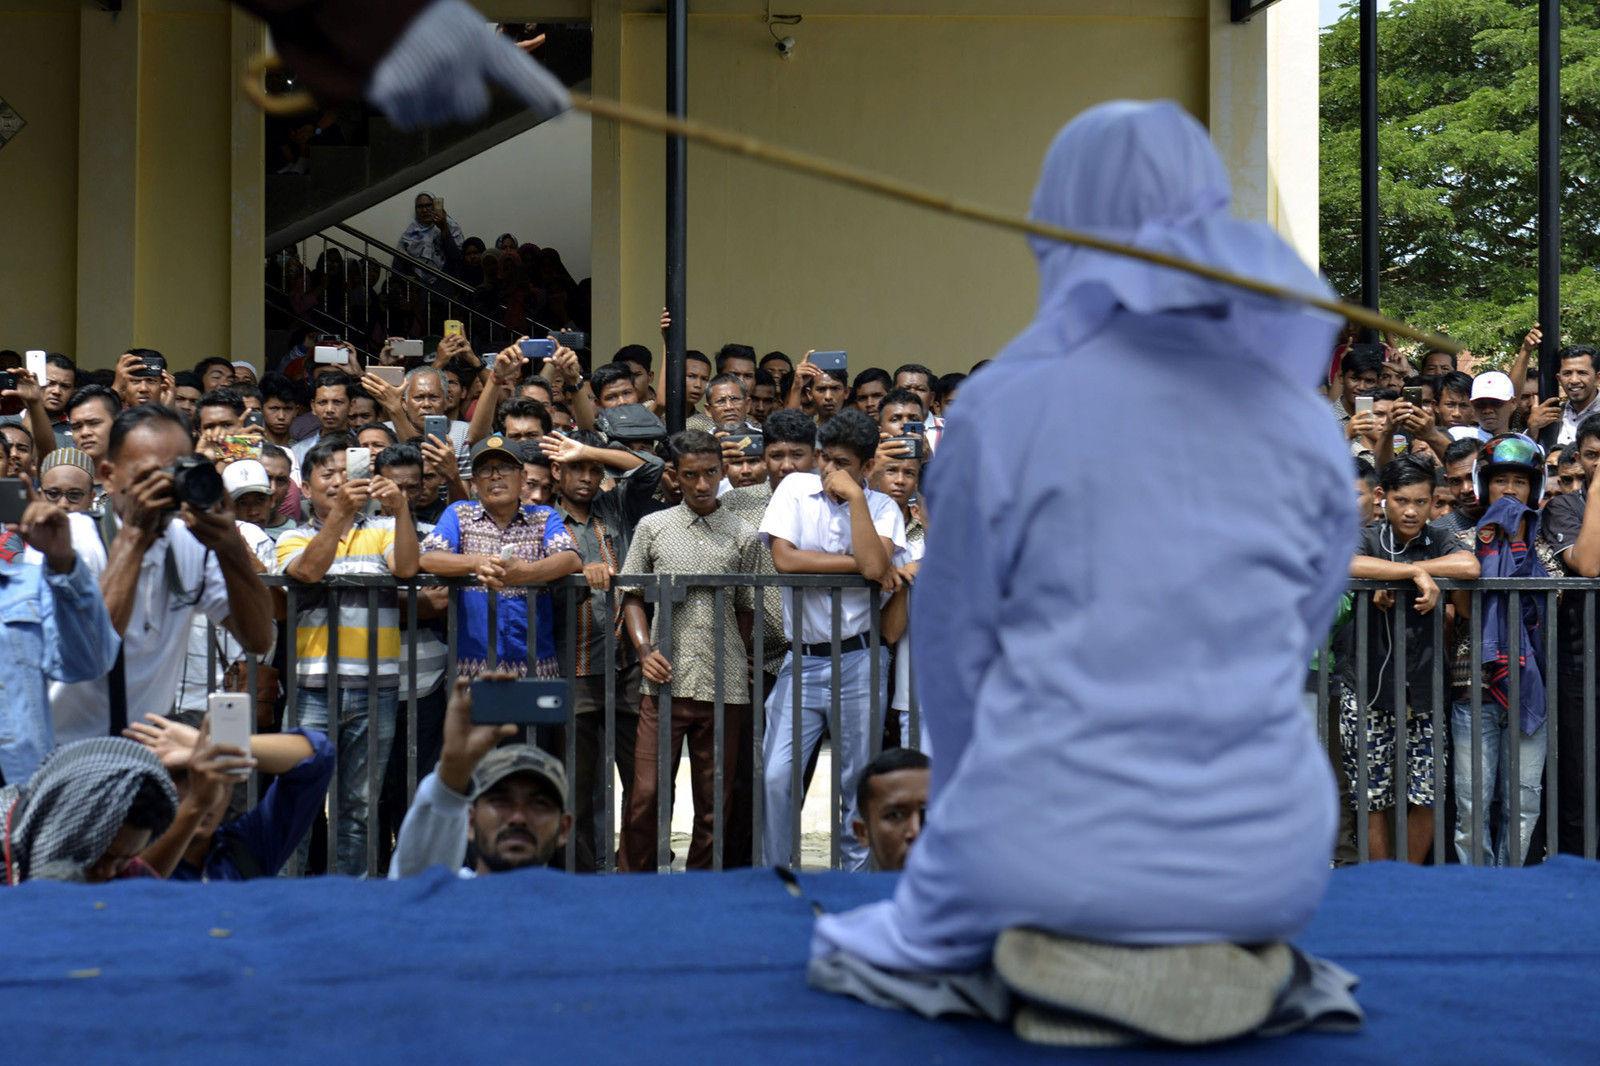 Индонезид олон нийтийн газар тэврэлдсэн залуу хосыг ташуурдаж шийтгэжээ